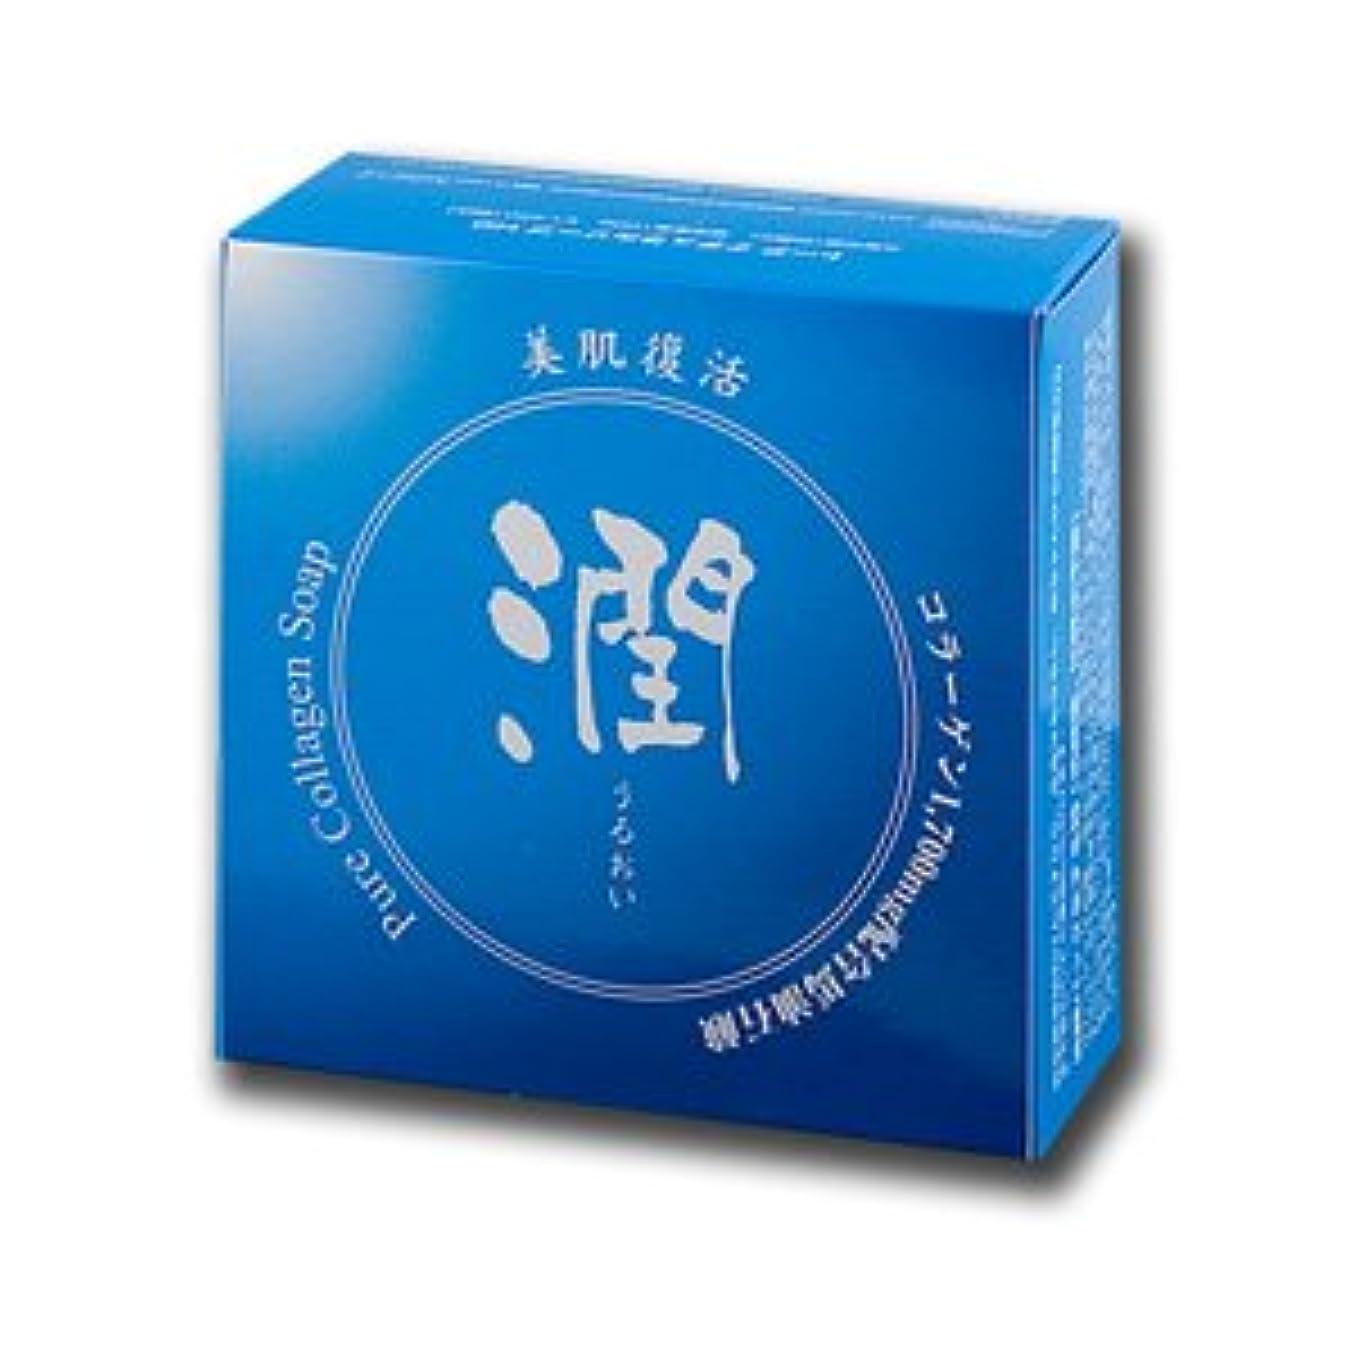 一月夫廃止コラーゲン馬油石鹸 潤 100g (#800410) ×5個セット